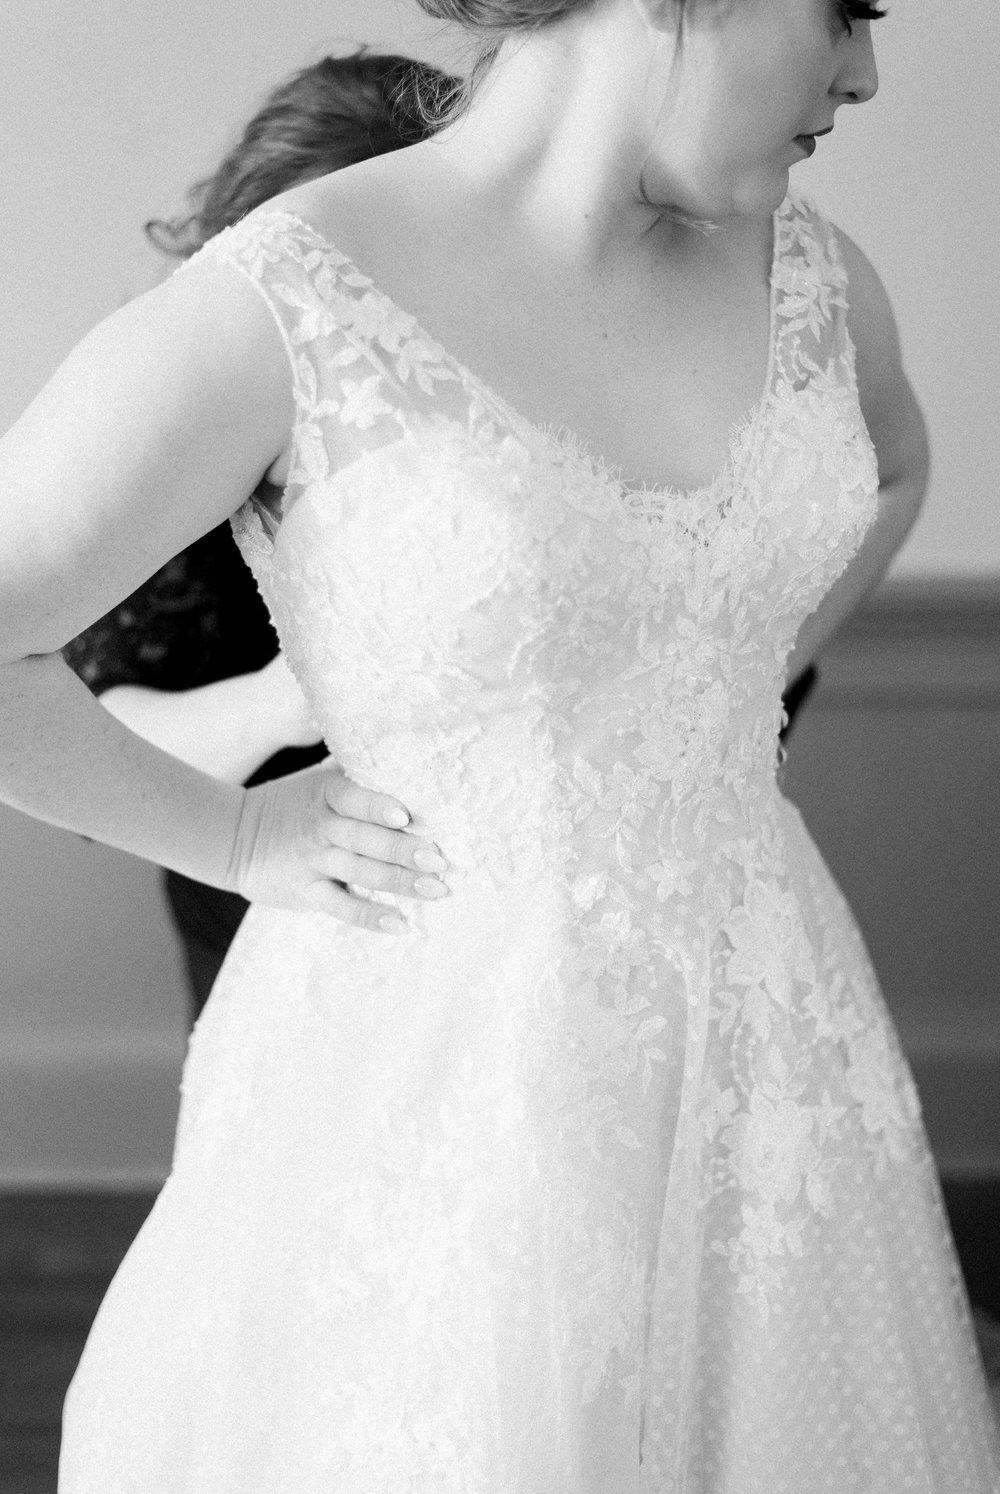 Jillian+Abi_OakridgeEstate_Wedding_VirginiaWeddingPhotographer_SpringWedding 13.jpg